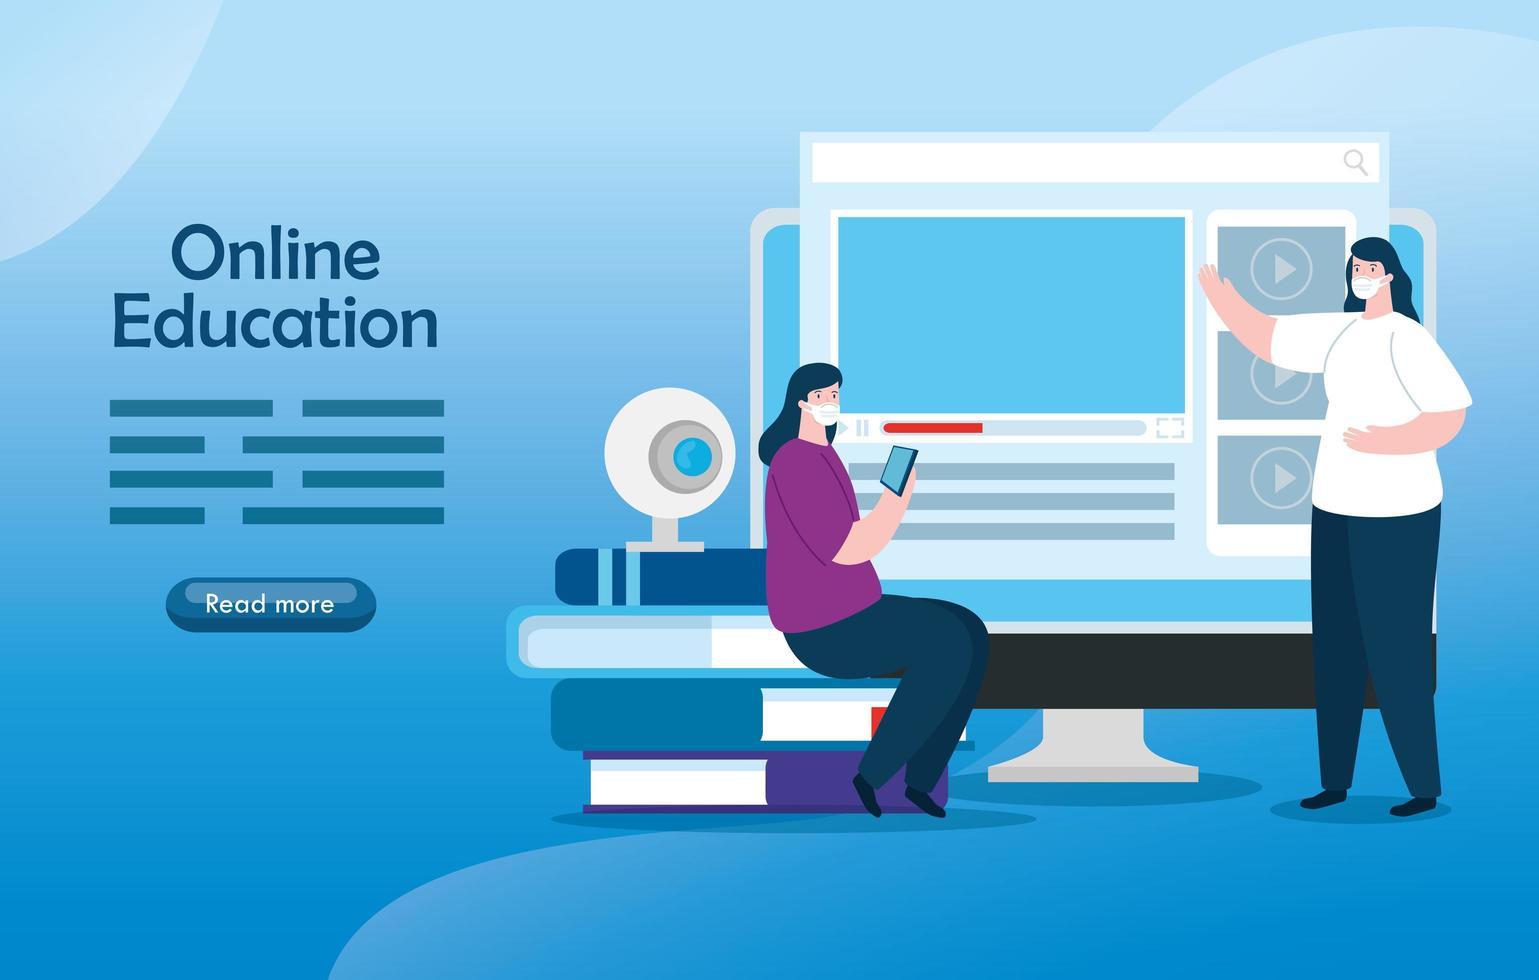 mulheres de tecnologia de educação online com computador vetor